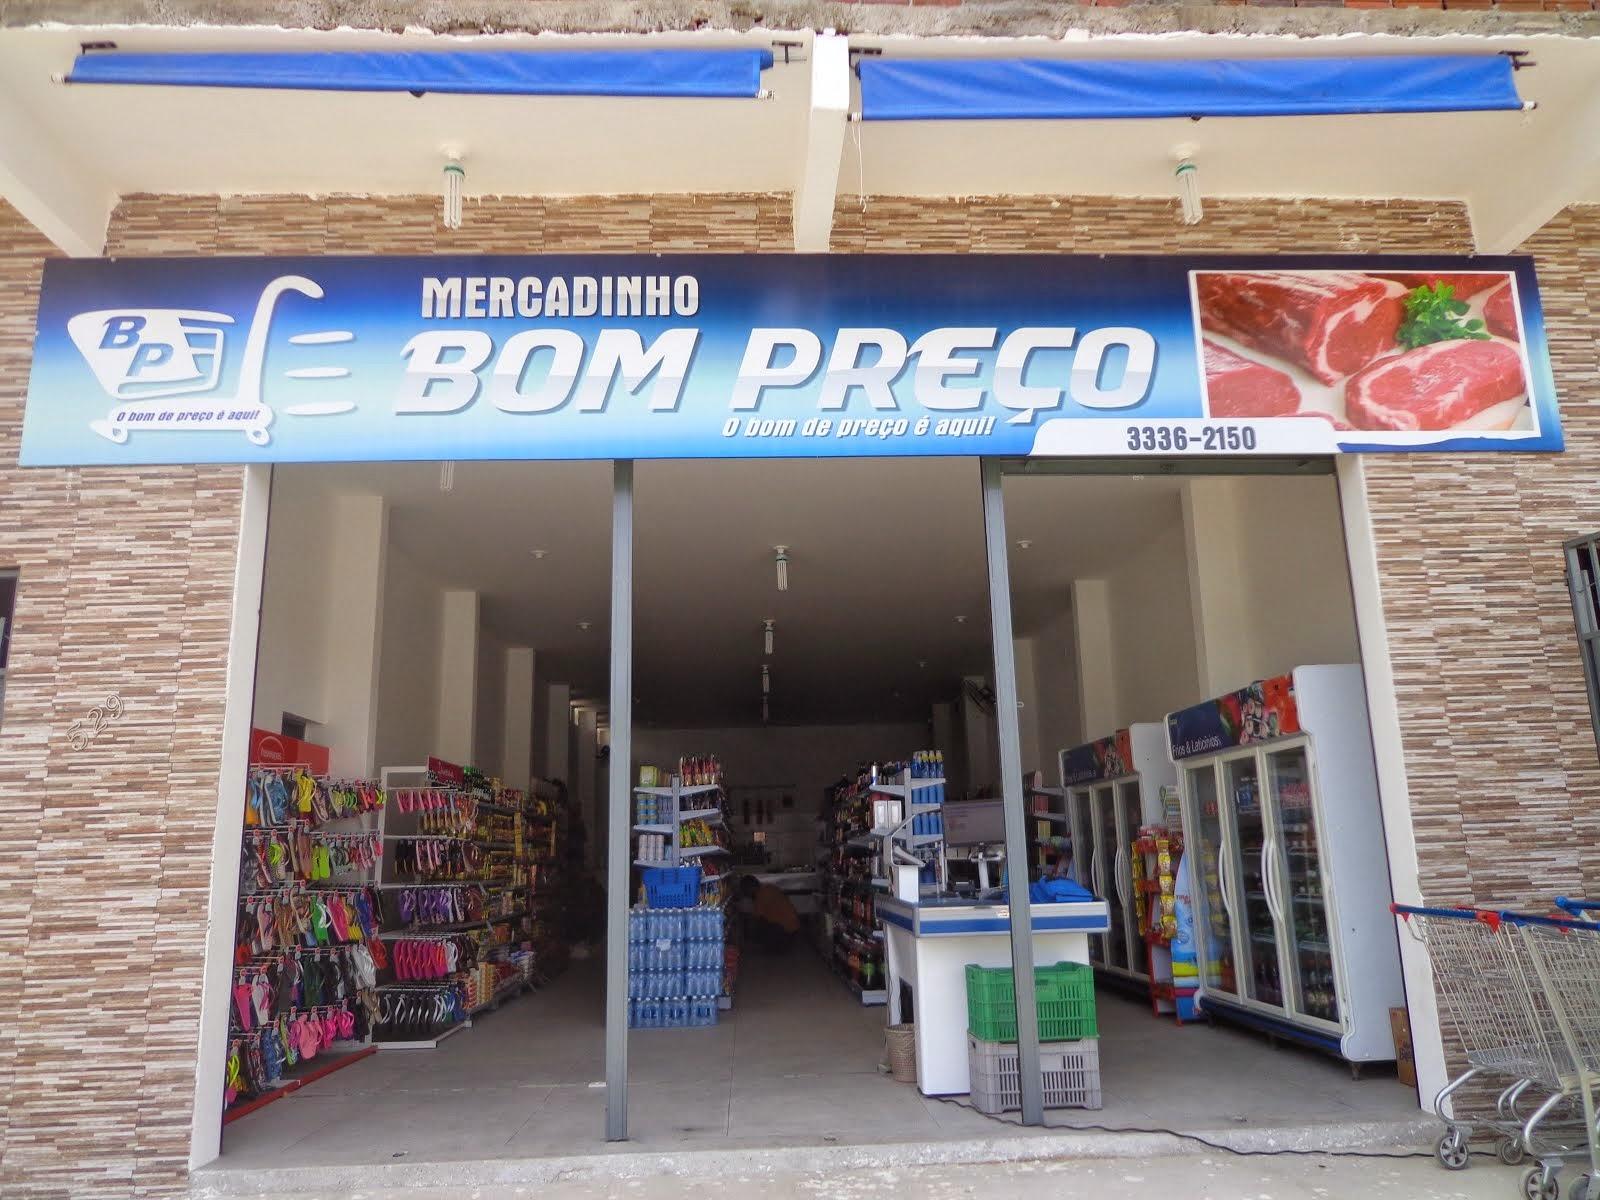 MERCADINHO BOM PREÇO